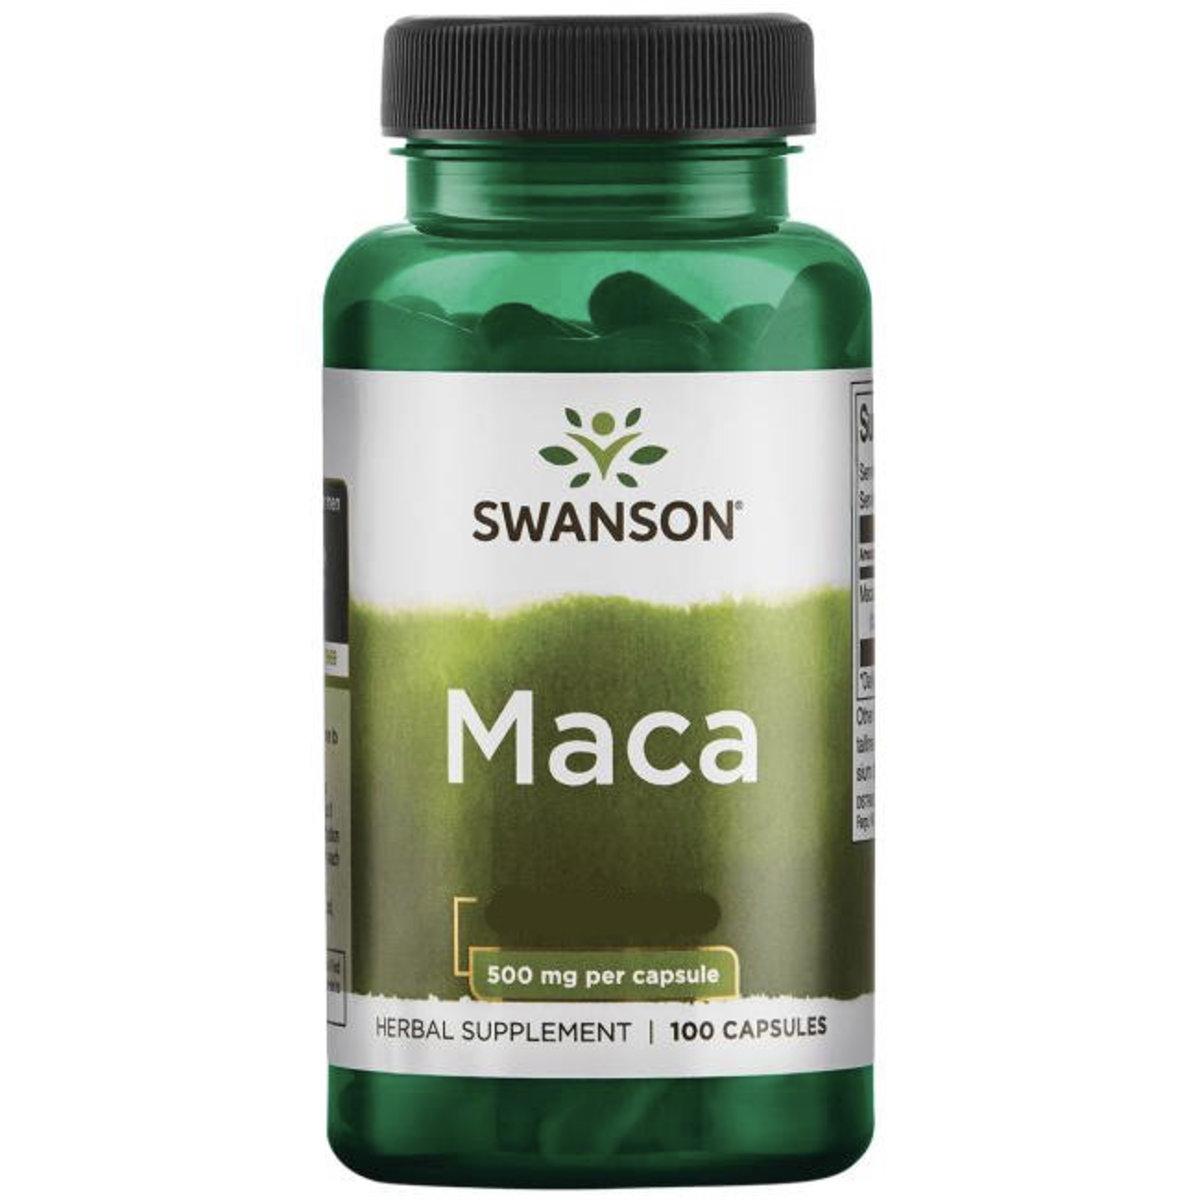 Swanson maca 500mg 100 capsules (EXP: 10/2020)